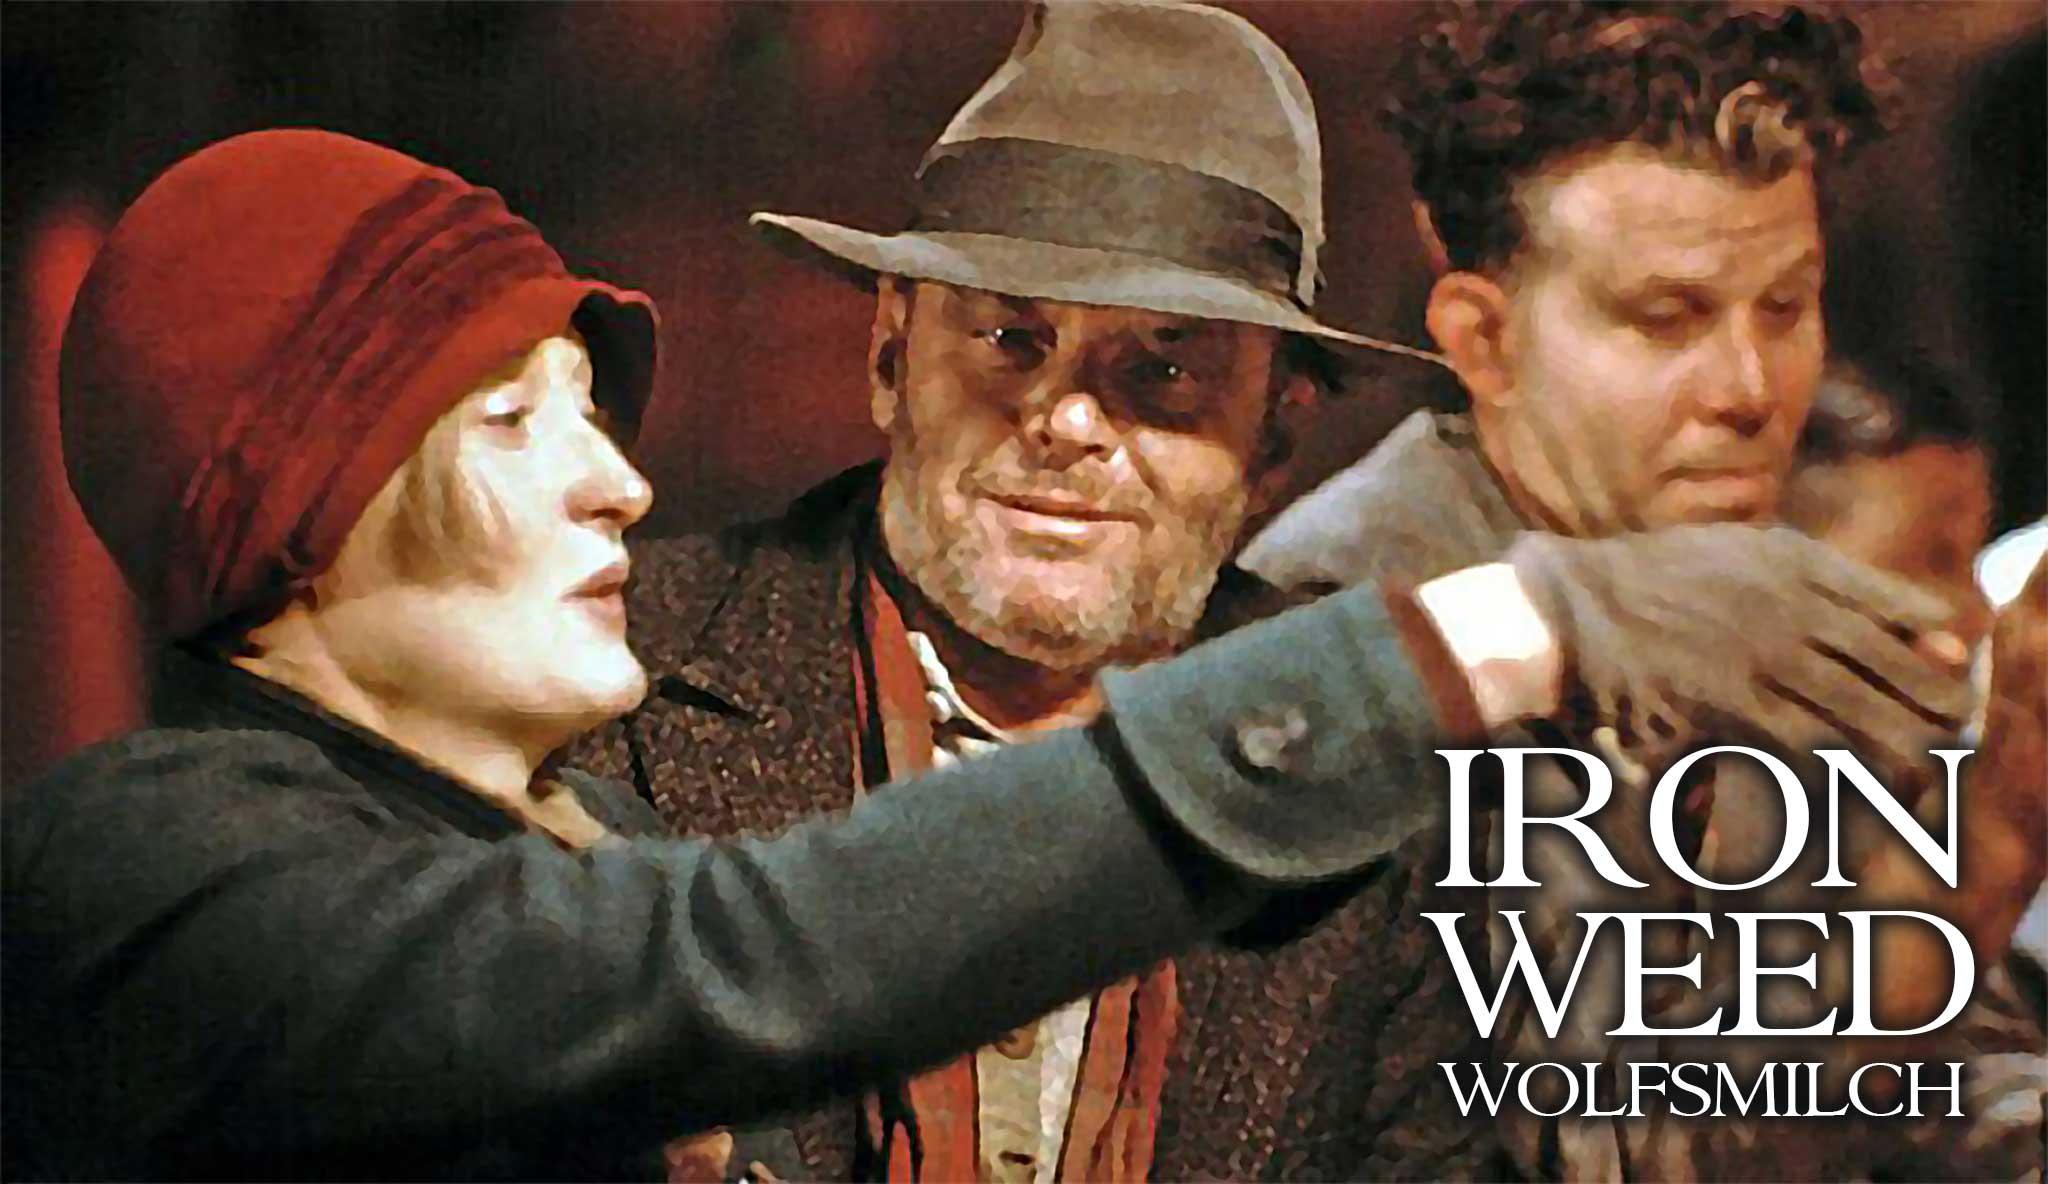 ironweed-wolfsmilch\header.jpg